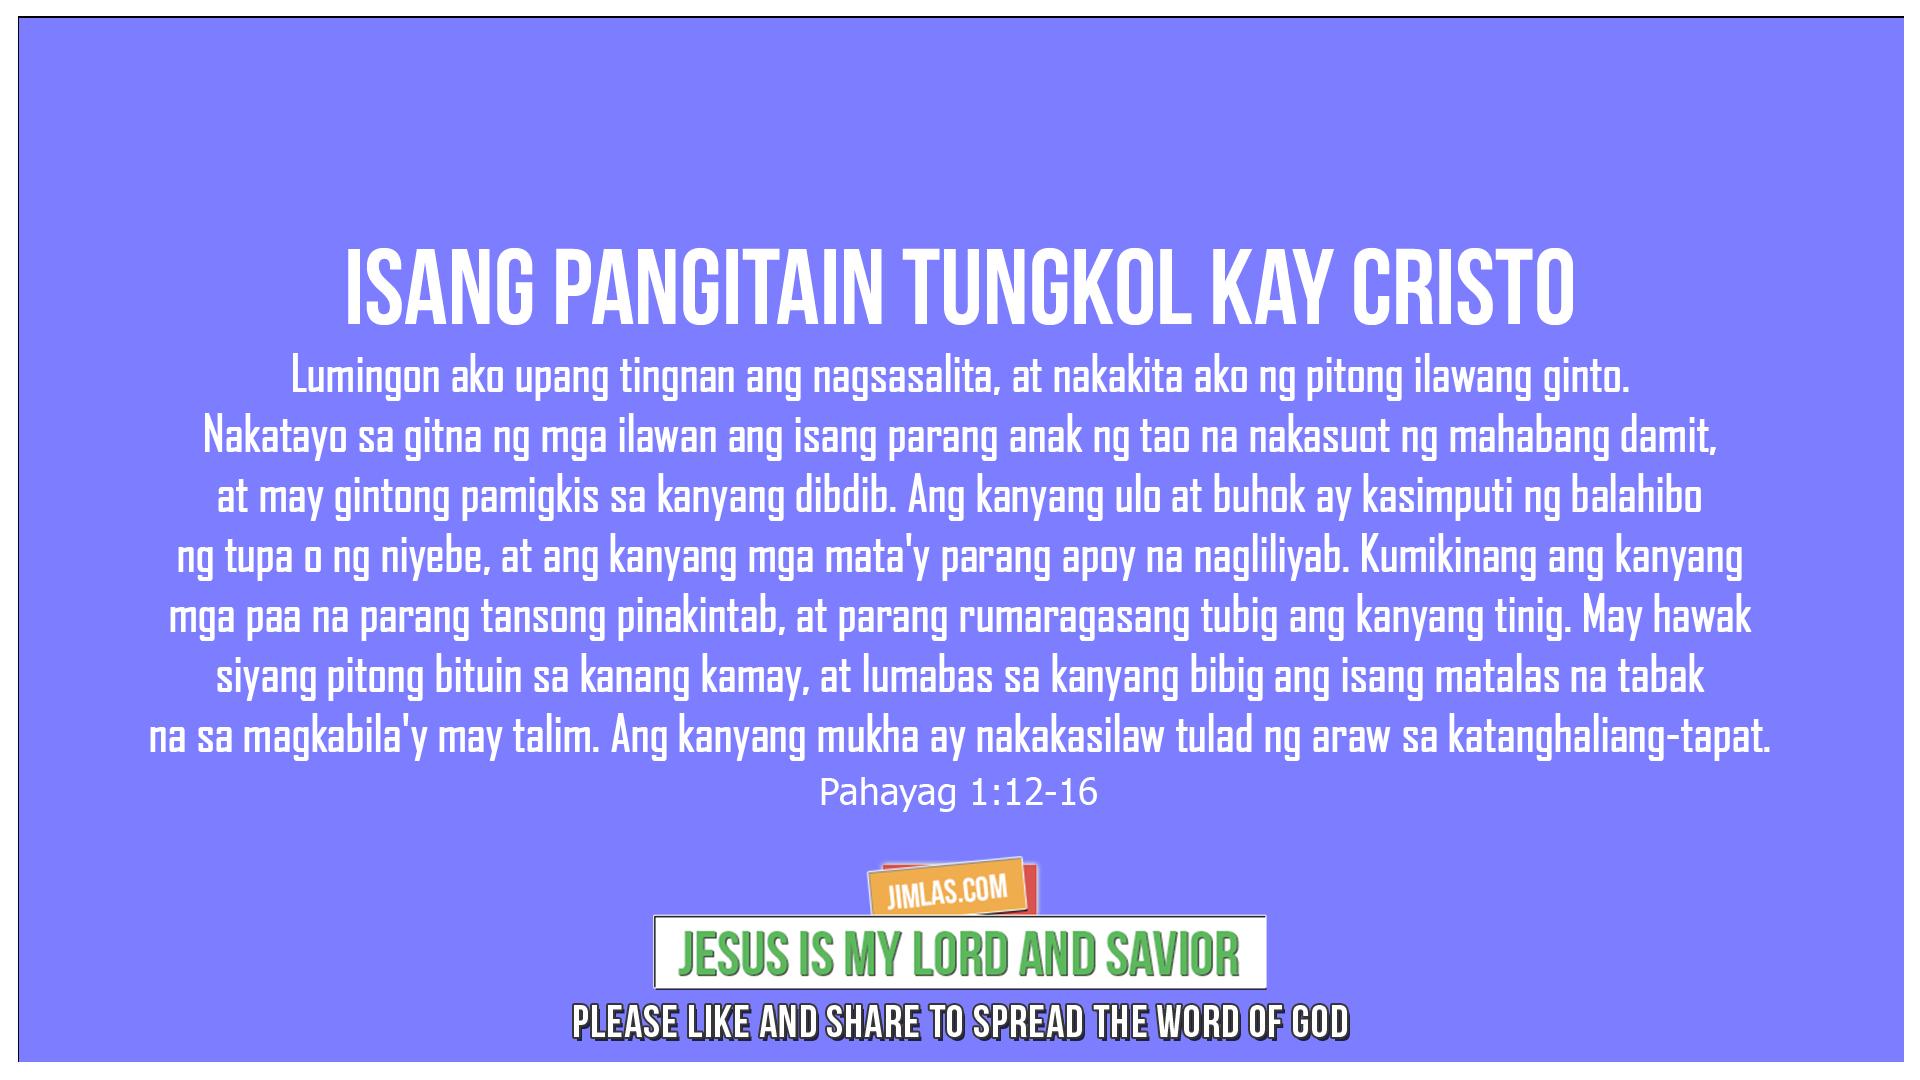 Pahayag 1:12-16, Pahayag 1:12-16